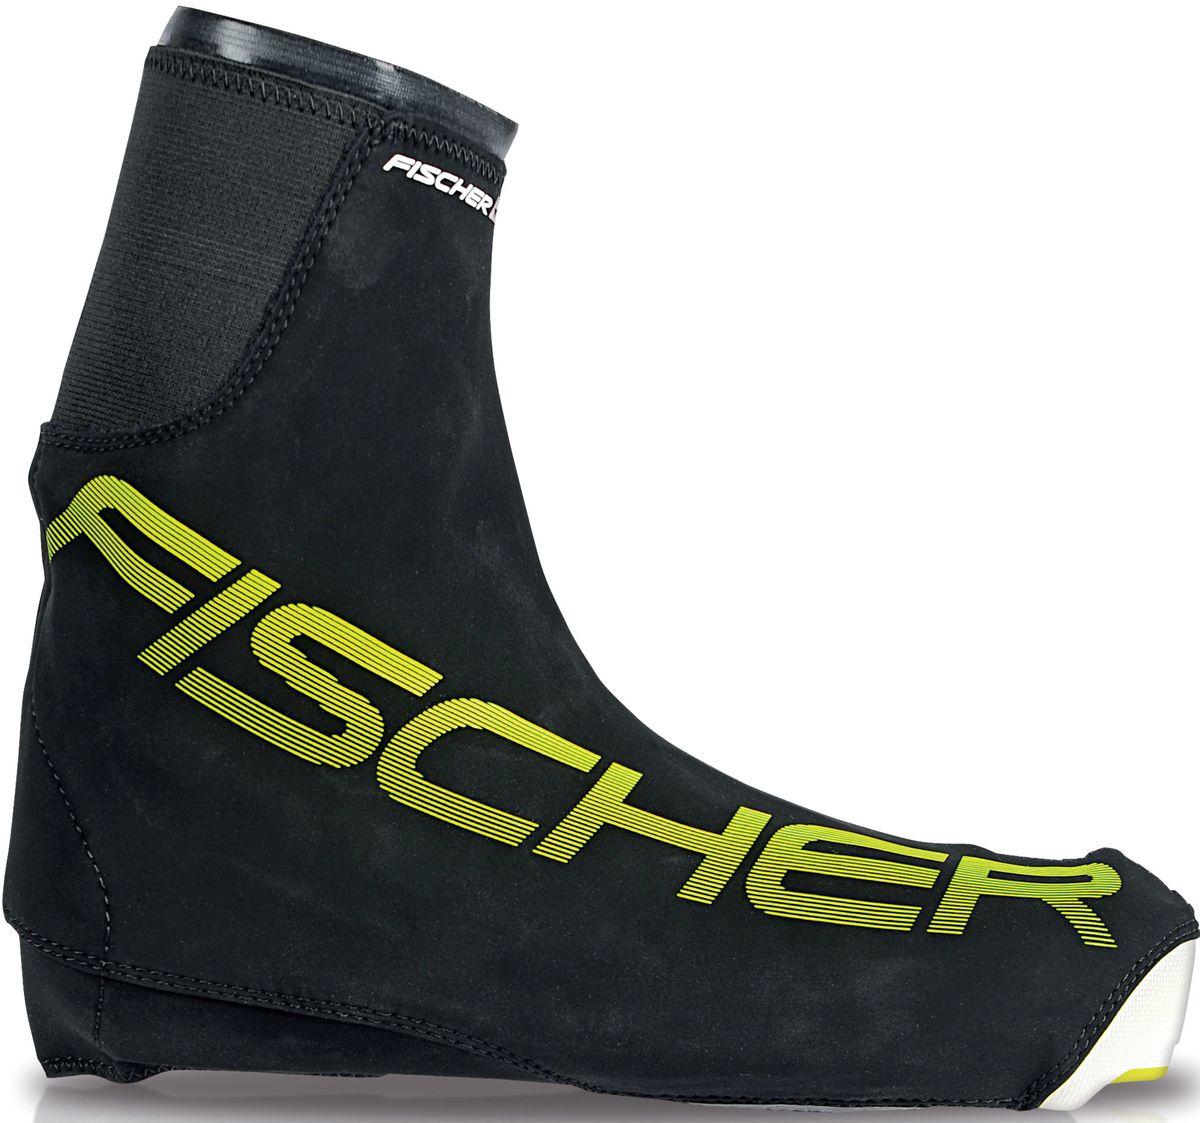 Чехлы для лыжных ботинок Fischer Bootcover Race, размер XXL. S43115Karjala Comfort NNNПрактичный и удобный чехол для лыжных ботинок Fischer BootCover Race станет незаменимым помощником на тренировках, разминках и просто в холодную погоду. Он надежно защитит ноги от холода и влаги.